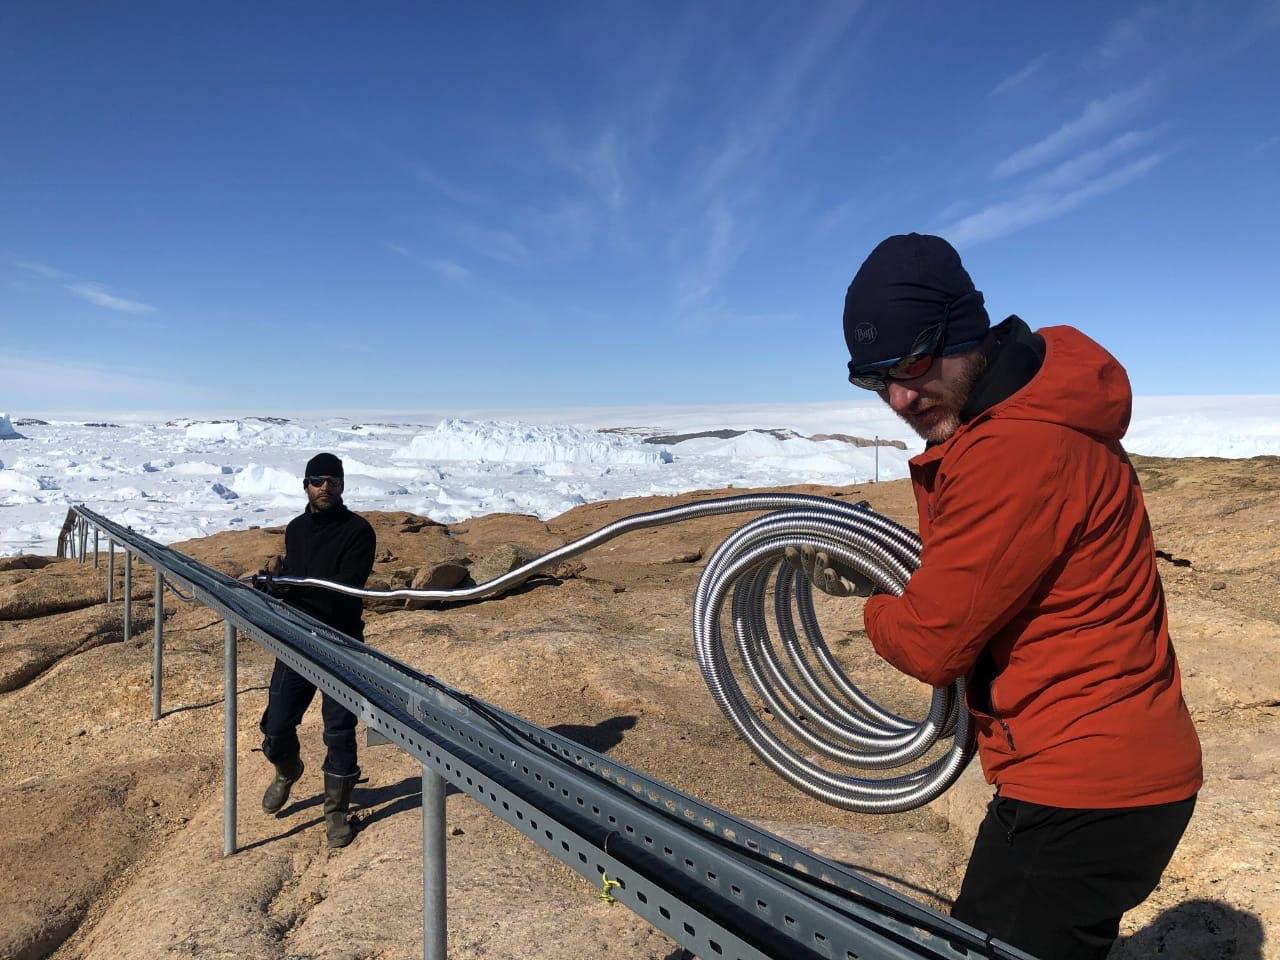 МТС запустила в Антарктиде первую российскую сеть сотовой связи 3